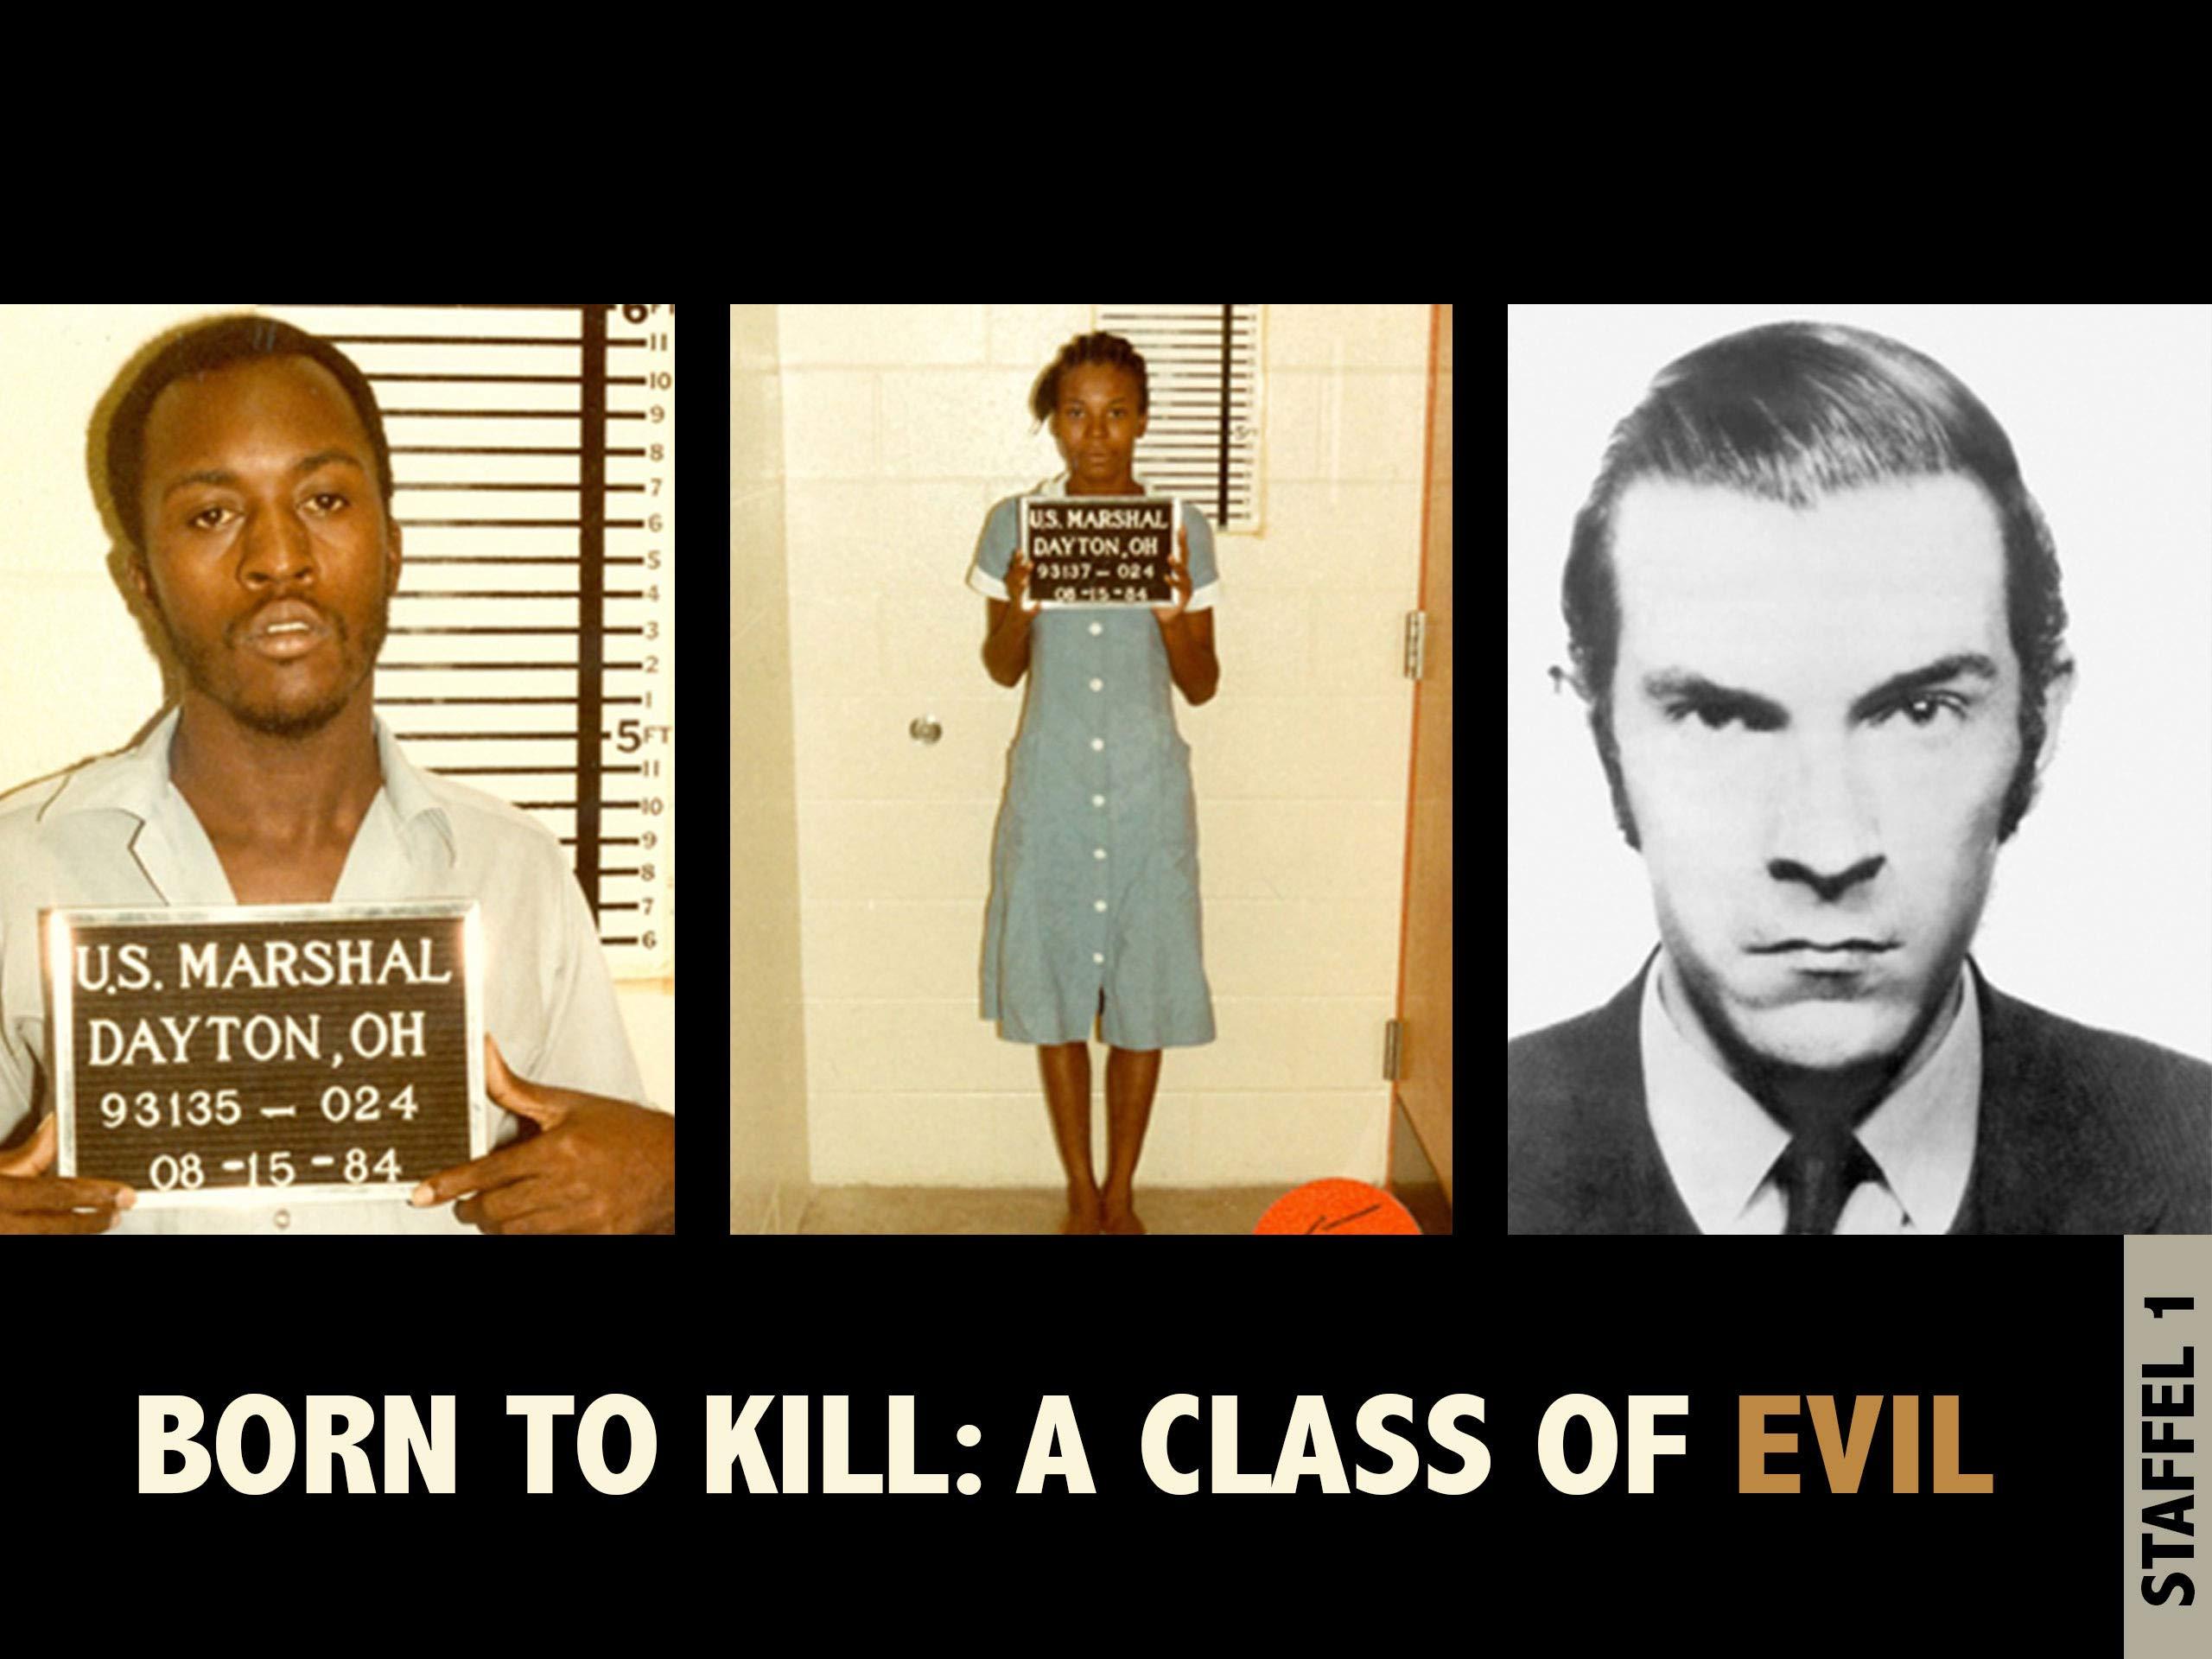 Amazon de: Born to Kill: A Class of Evil / 1 ansehen   Prime